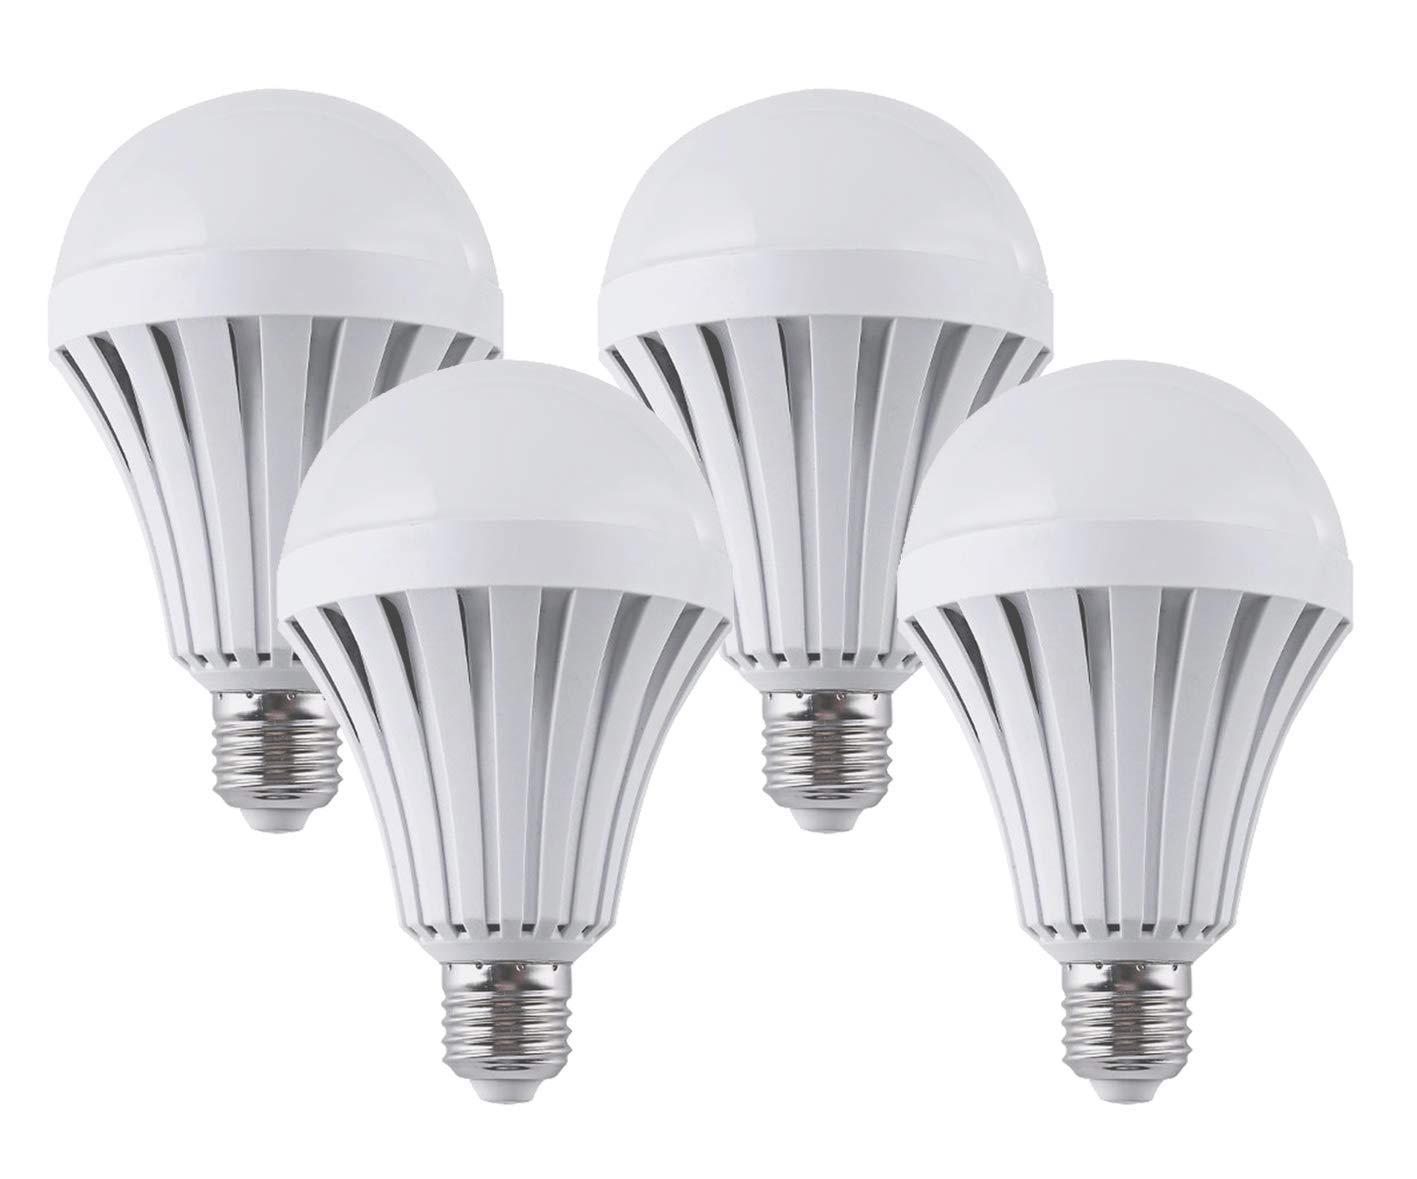 CTKcom LED Light Bulbs(4 Pack)- 9W Emergency Lamps Household Lighting Bulbs for Hurricane,Saving Energy Intelligent Light Rechargable Electricity 65W Equivalent 6500K White Bulbs 120V E26 E27 Base